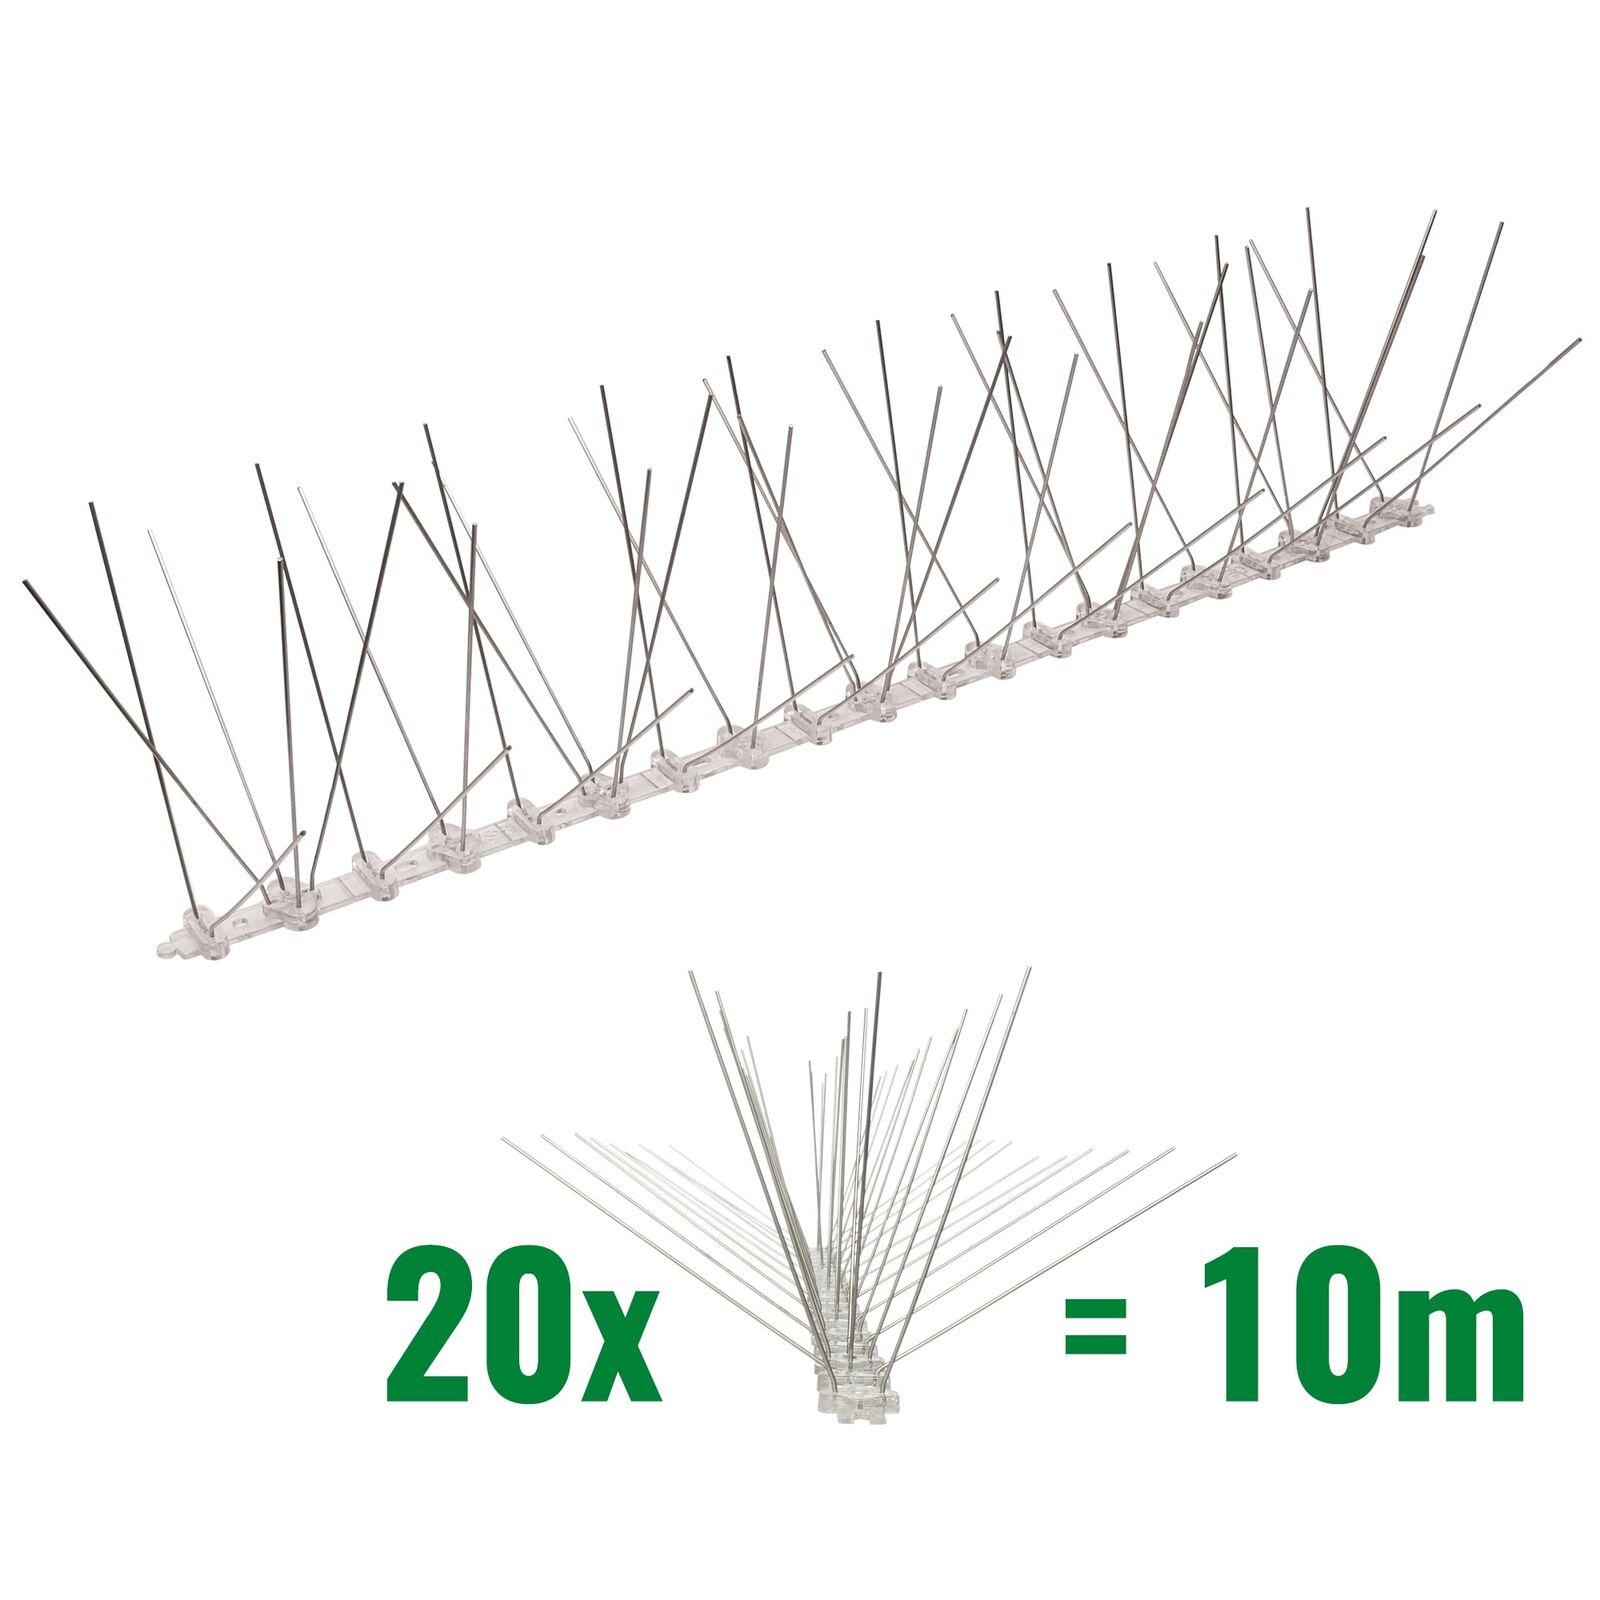 10m PICS anti PIGEON 5-rangee - en base de UV-PolyCochebonate - Défense d'oiseau